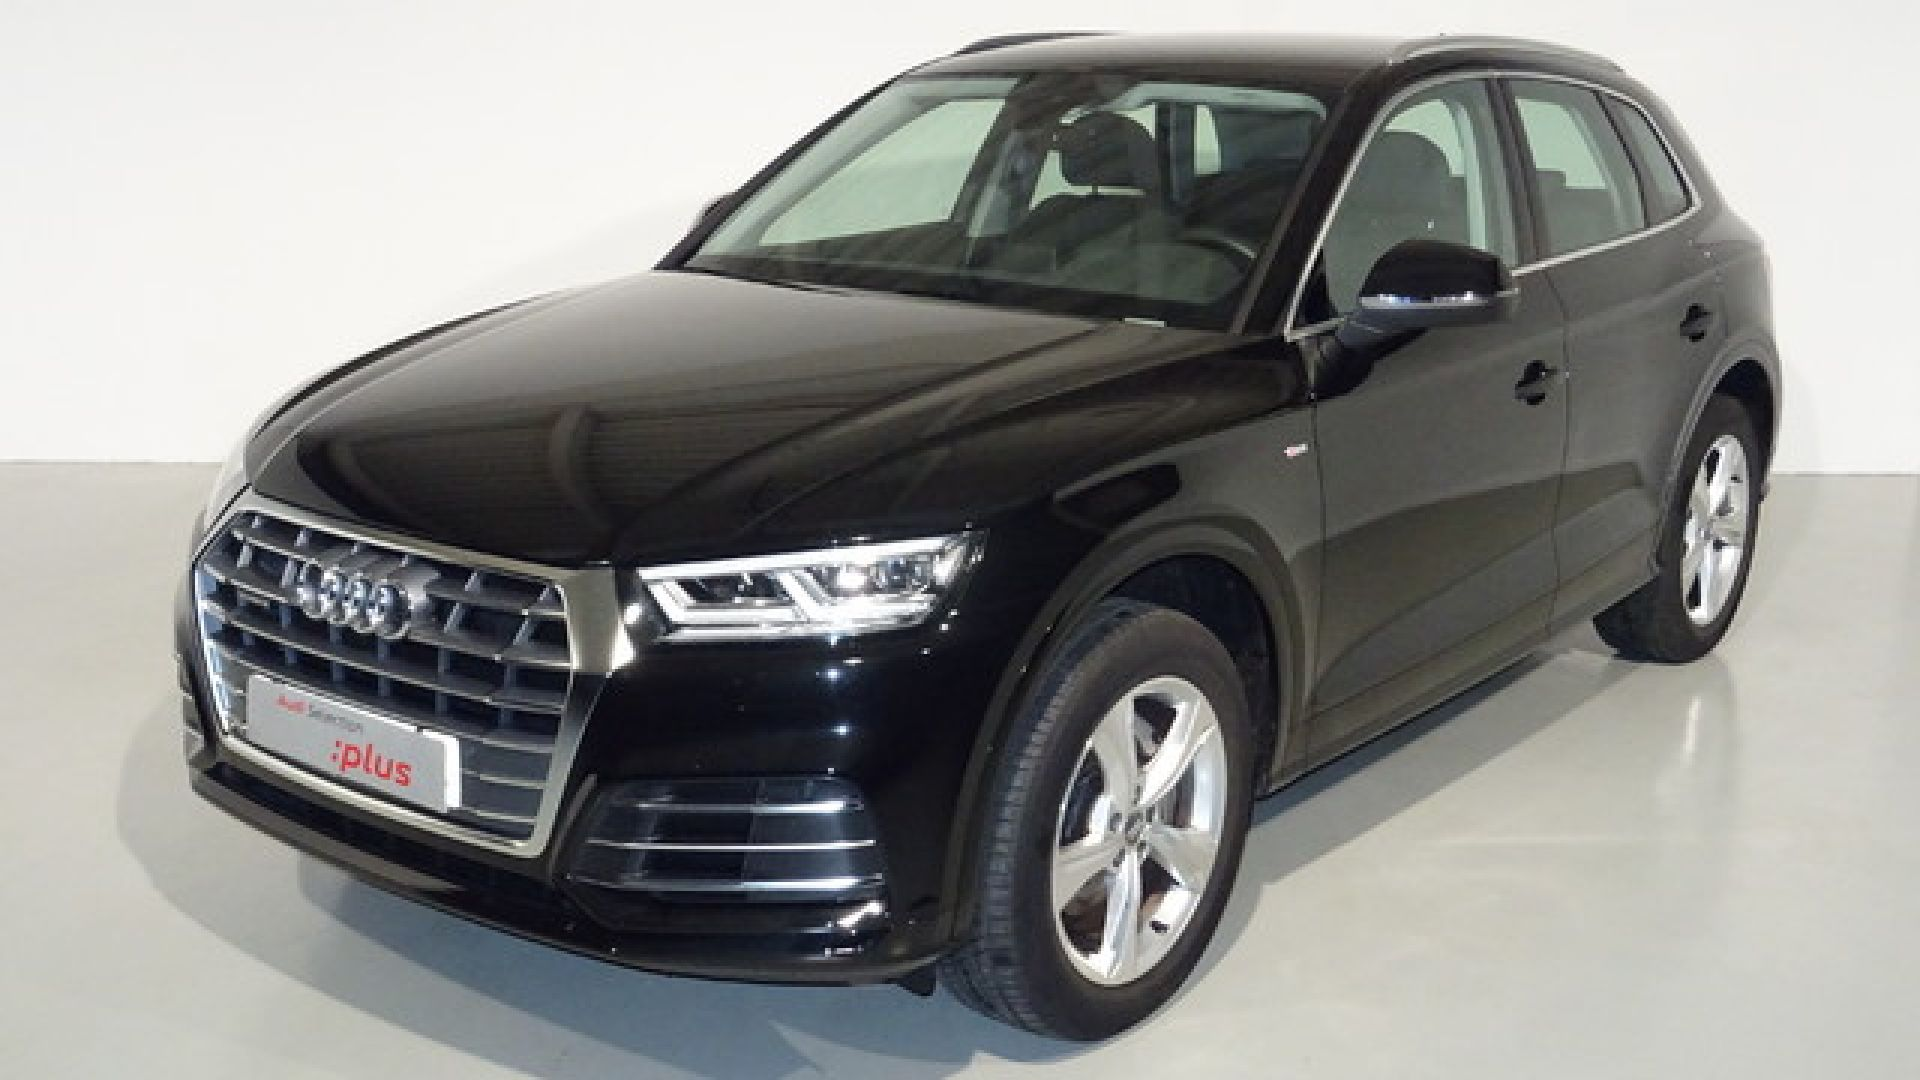 Audi Q5 S line 2.0 TDI 120kW quattro S tronic